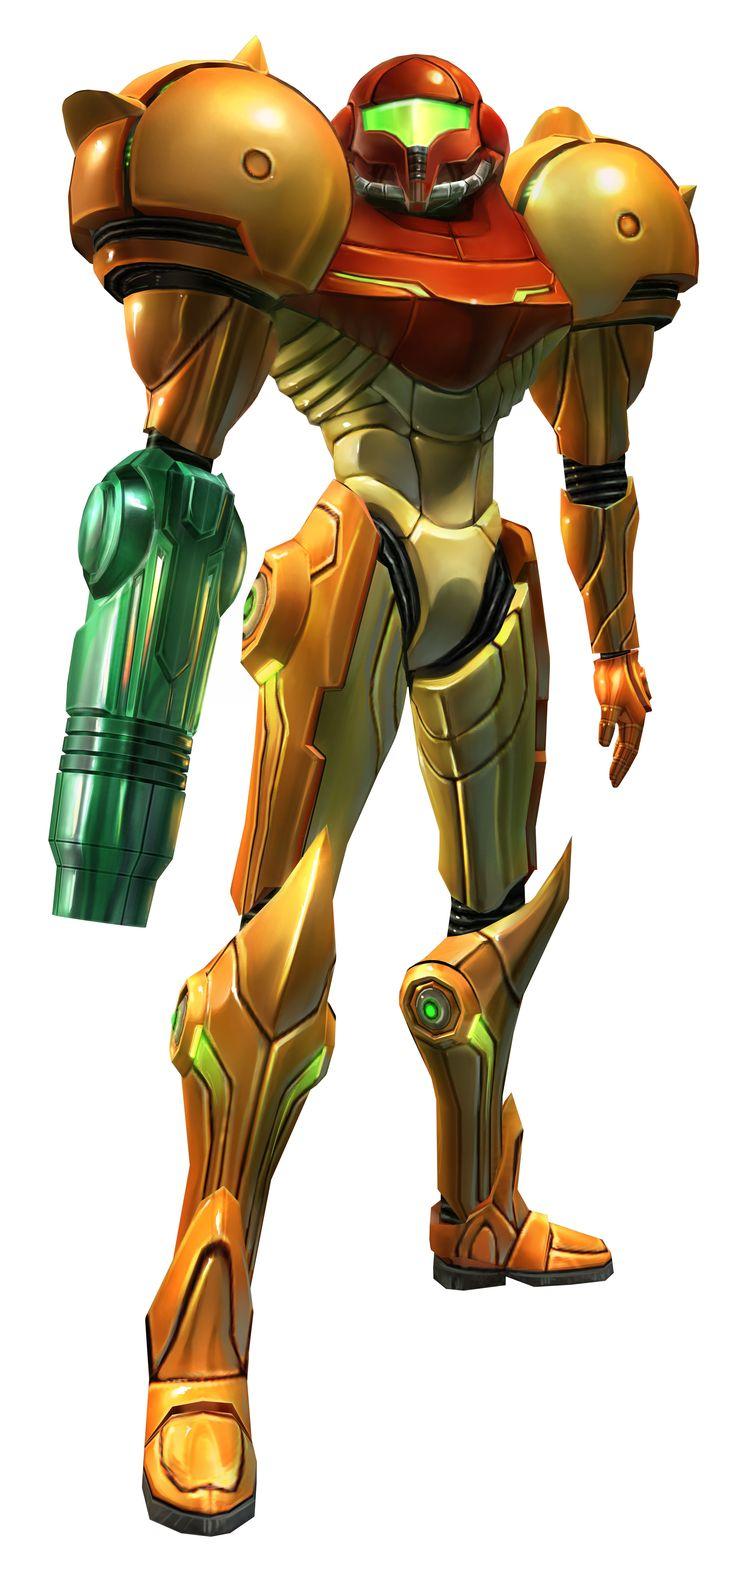 Zero suit samus tribute smallerr - 4 7